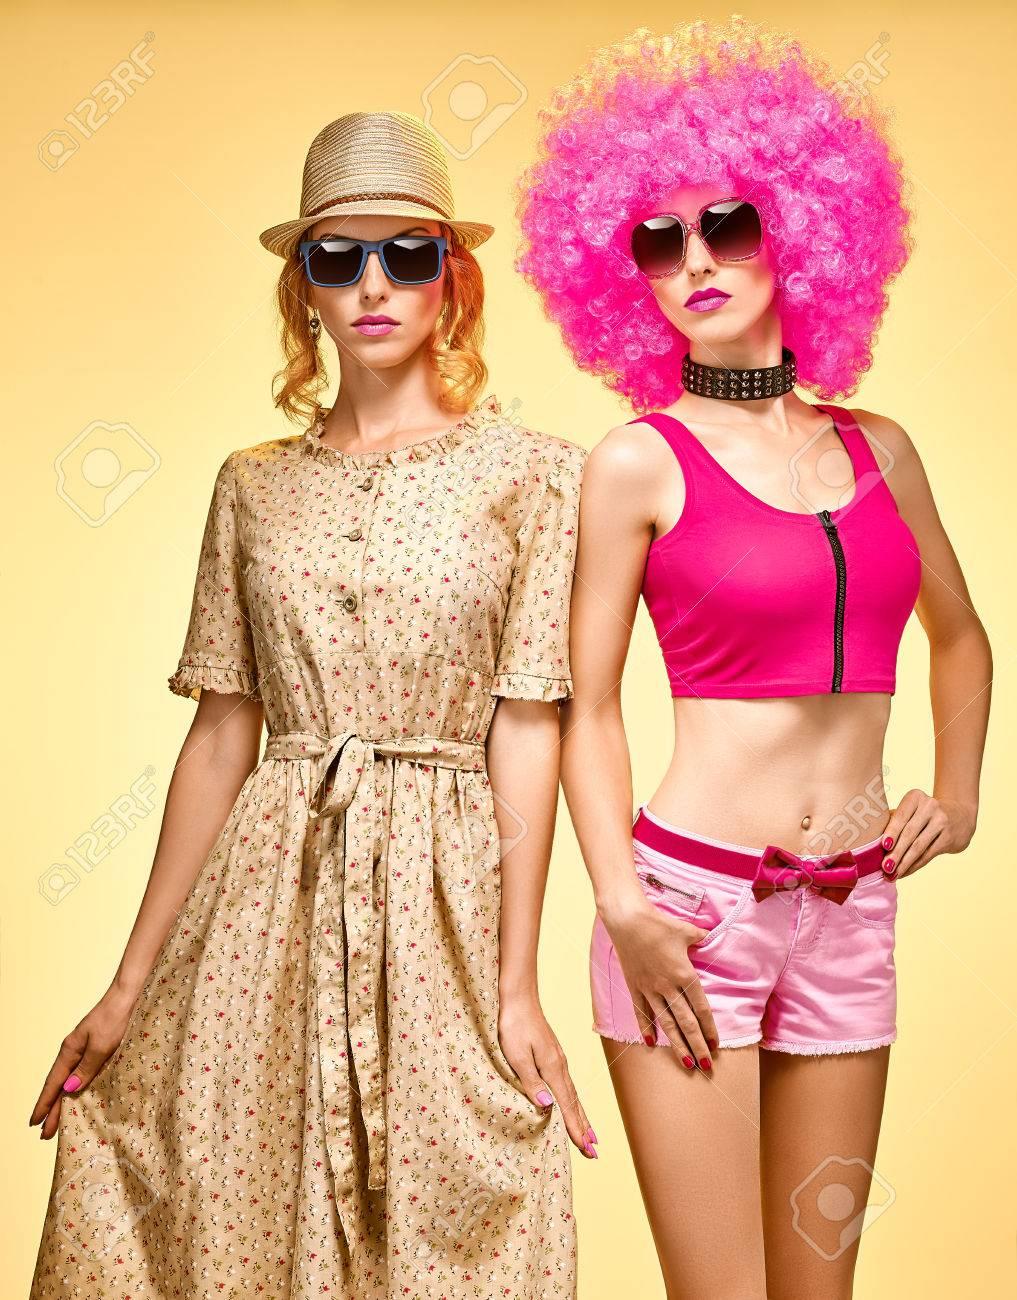 Wunderbar Wie Man Eine Party Kleiden Fotos - Brautkleider Ideen ...